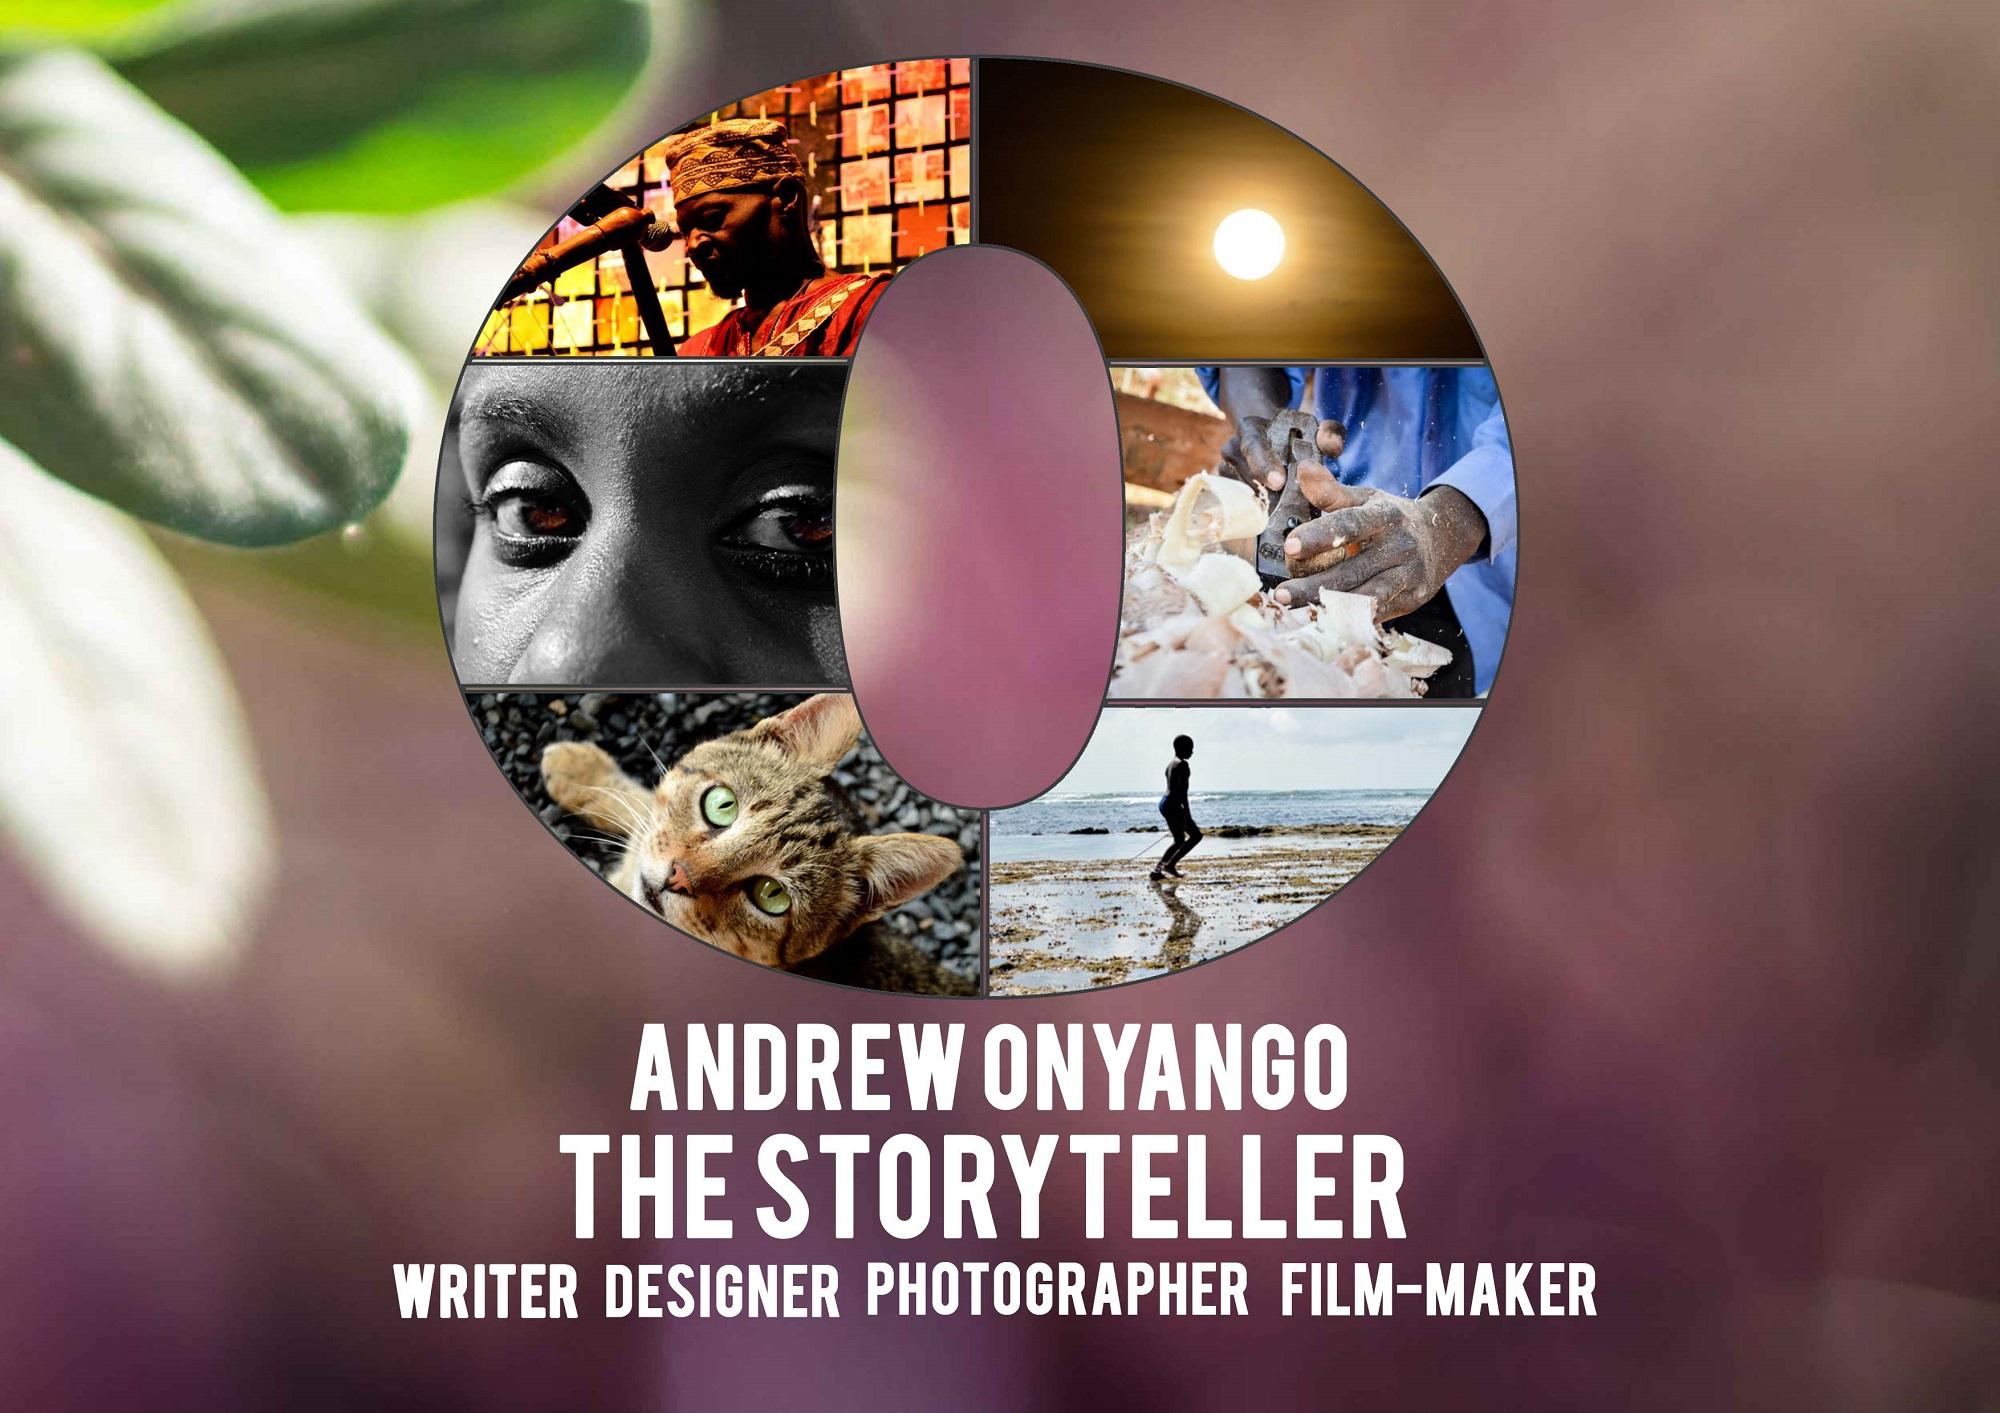 Andrew Onyango Film and Photography